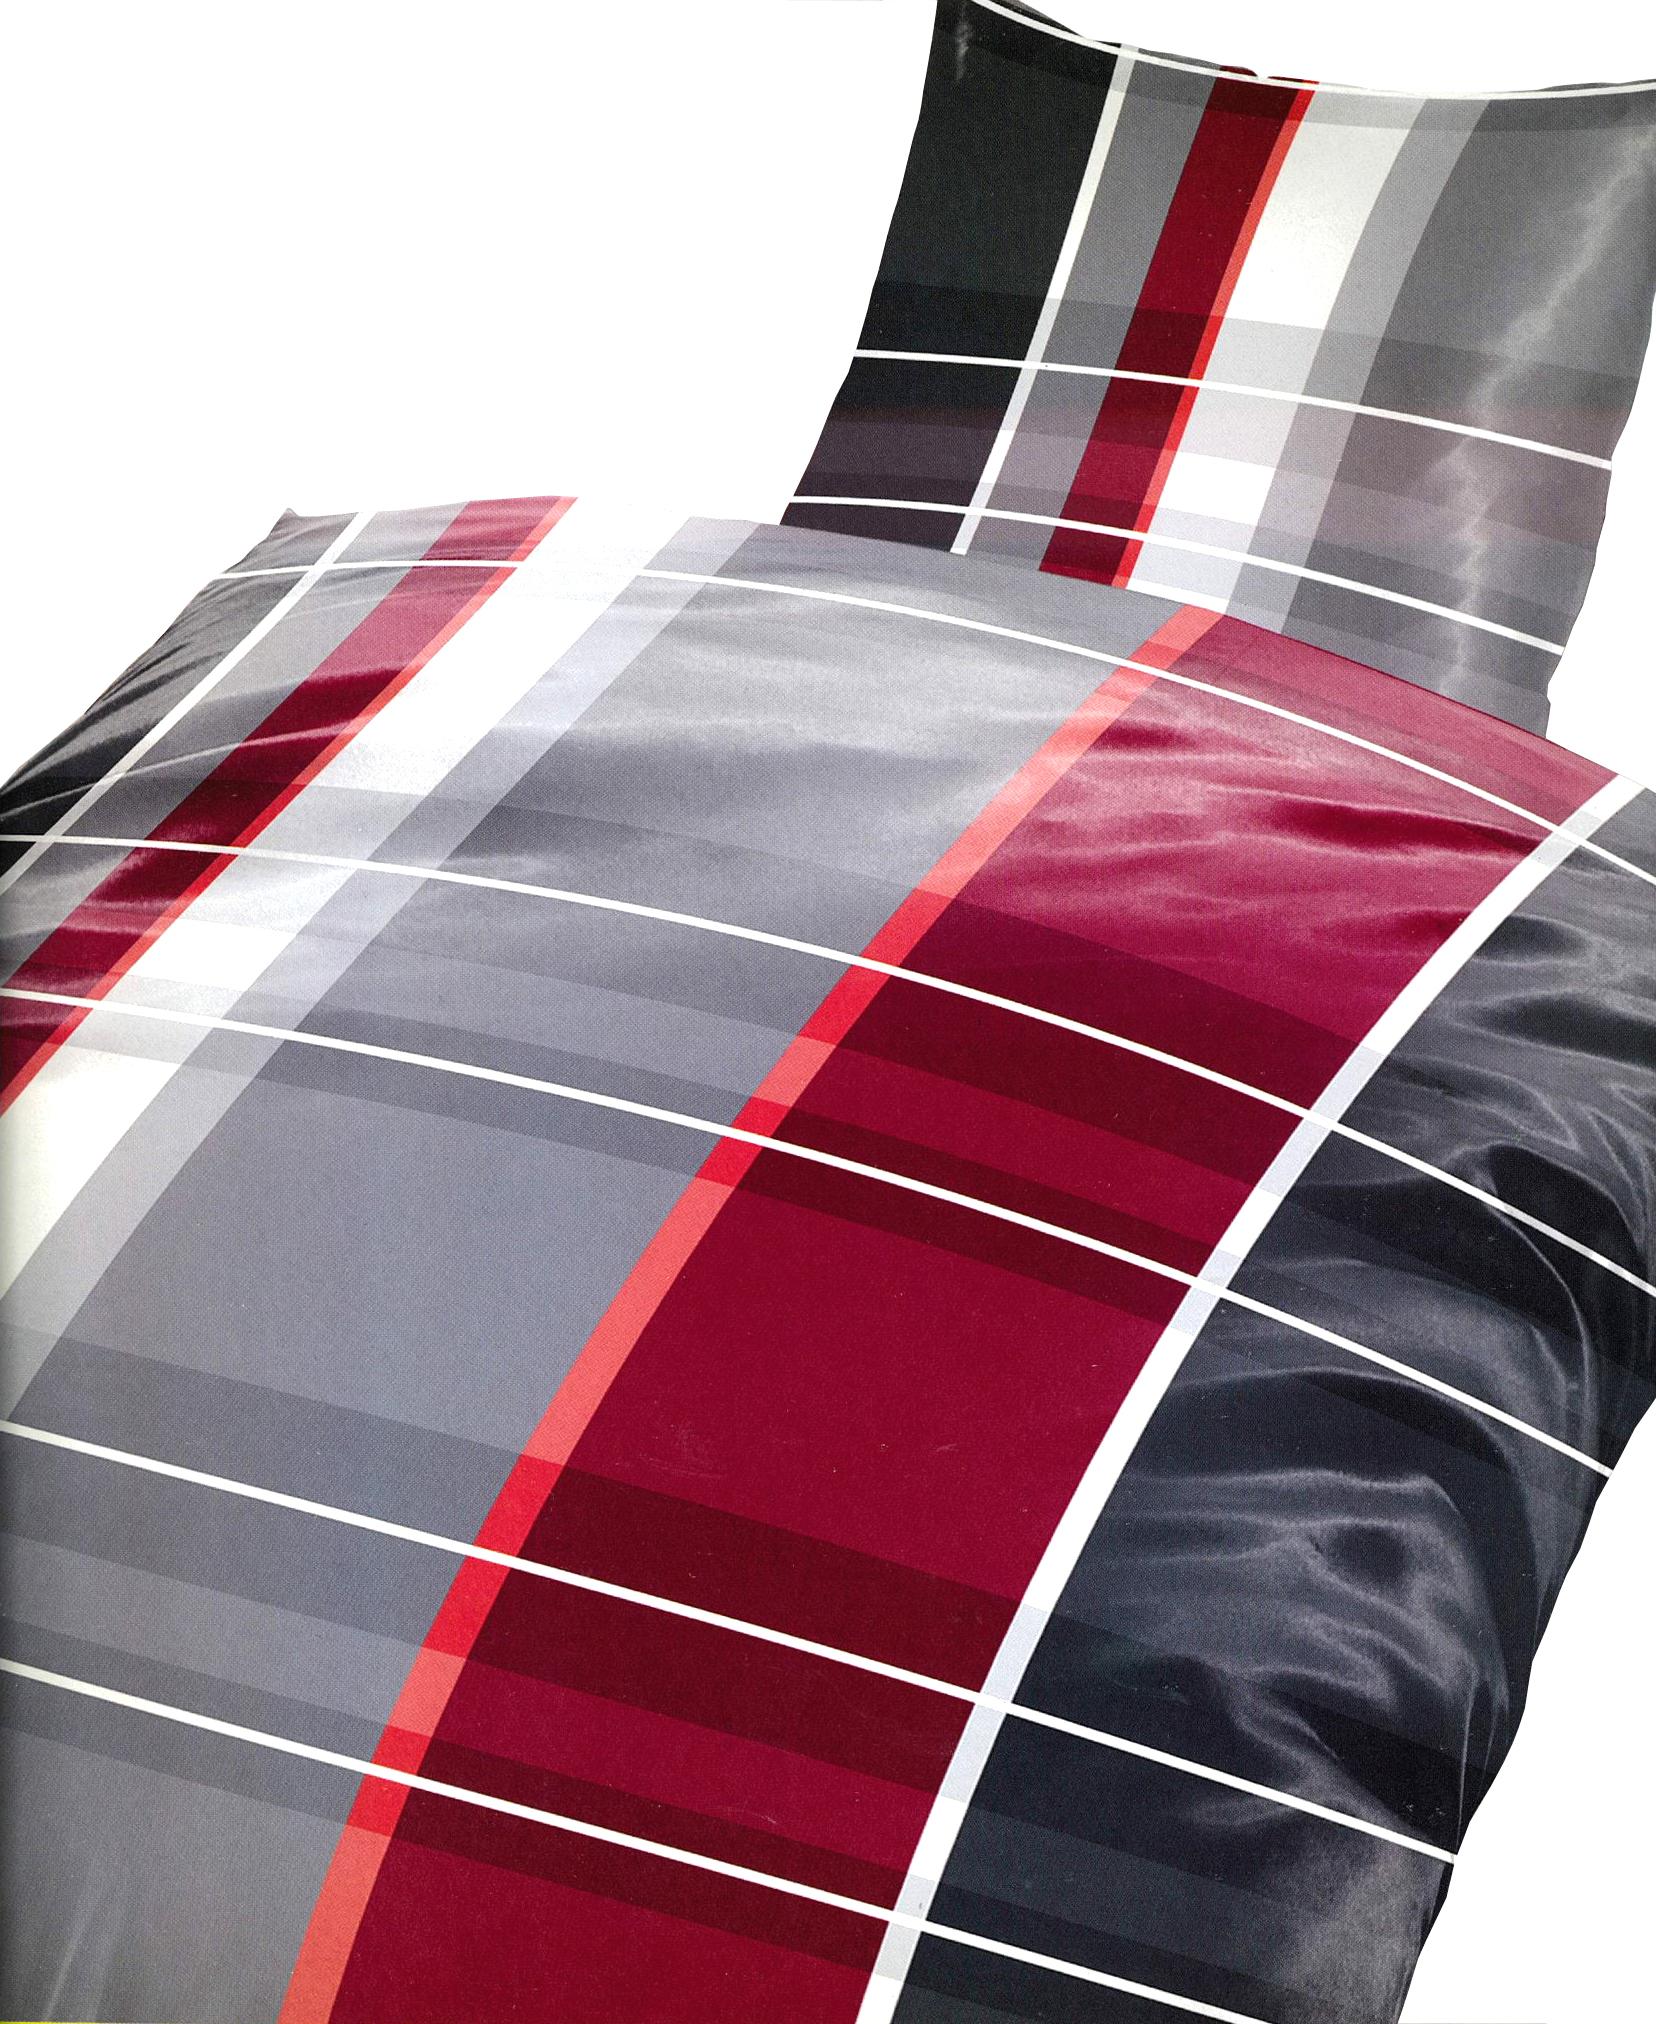 5 tlg baumwolle biber bettw sche 135x200 cm rot grau mit bettlaken 140 160x200cm ebay. Black Bedroom Furniture Sets. Home Design Ideas